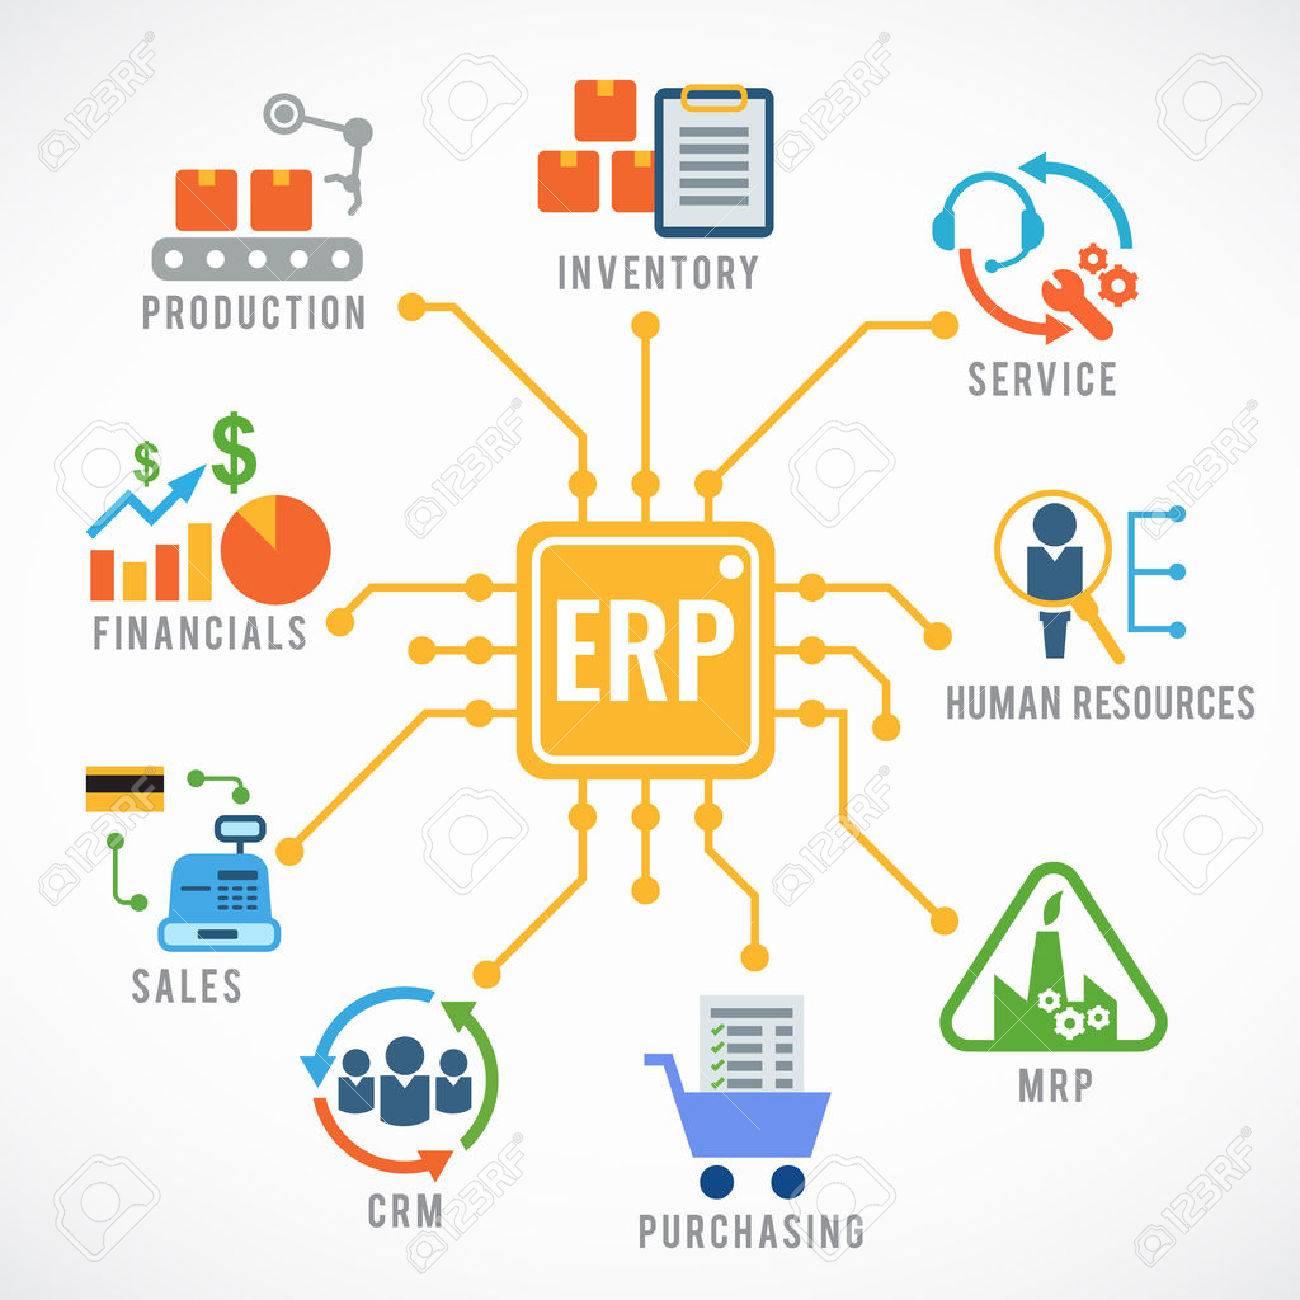 enterprise resource planning erp module construction flow icon